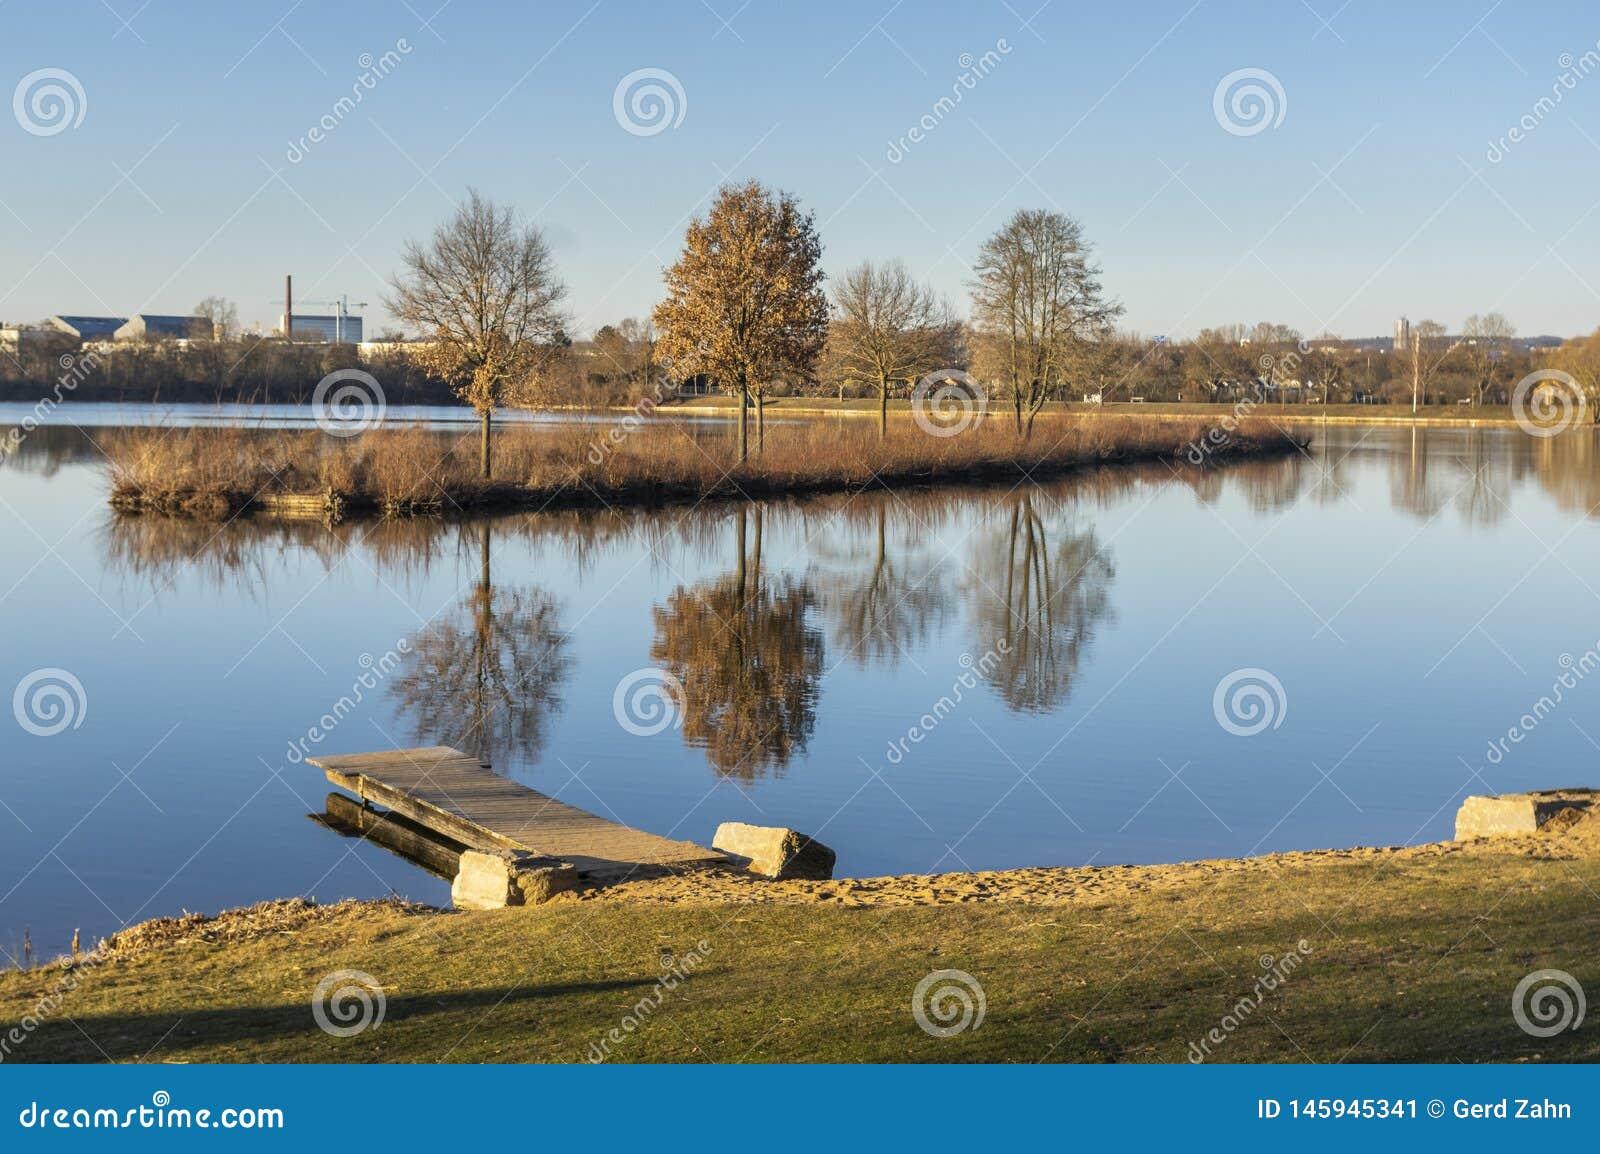 Idyllisch meer met vrije tijdsfaciliteiten en recreatief gebied in de lente met aangrenzende toewijzingen